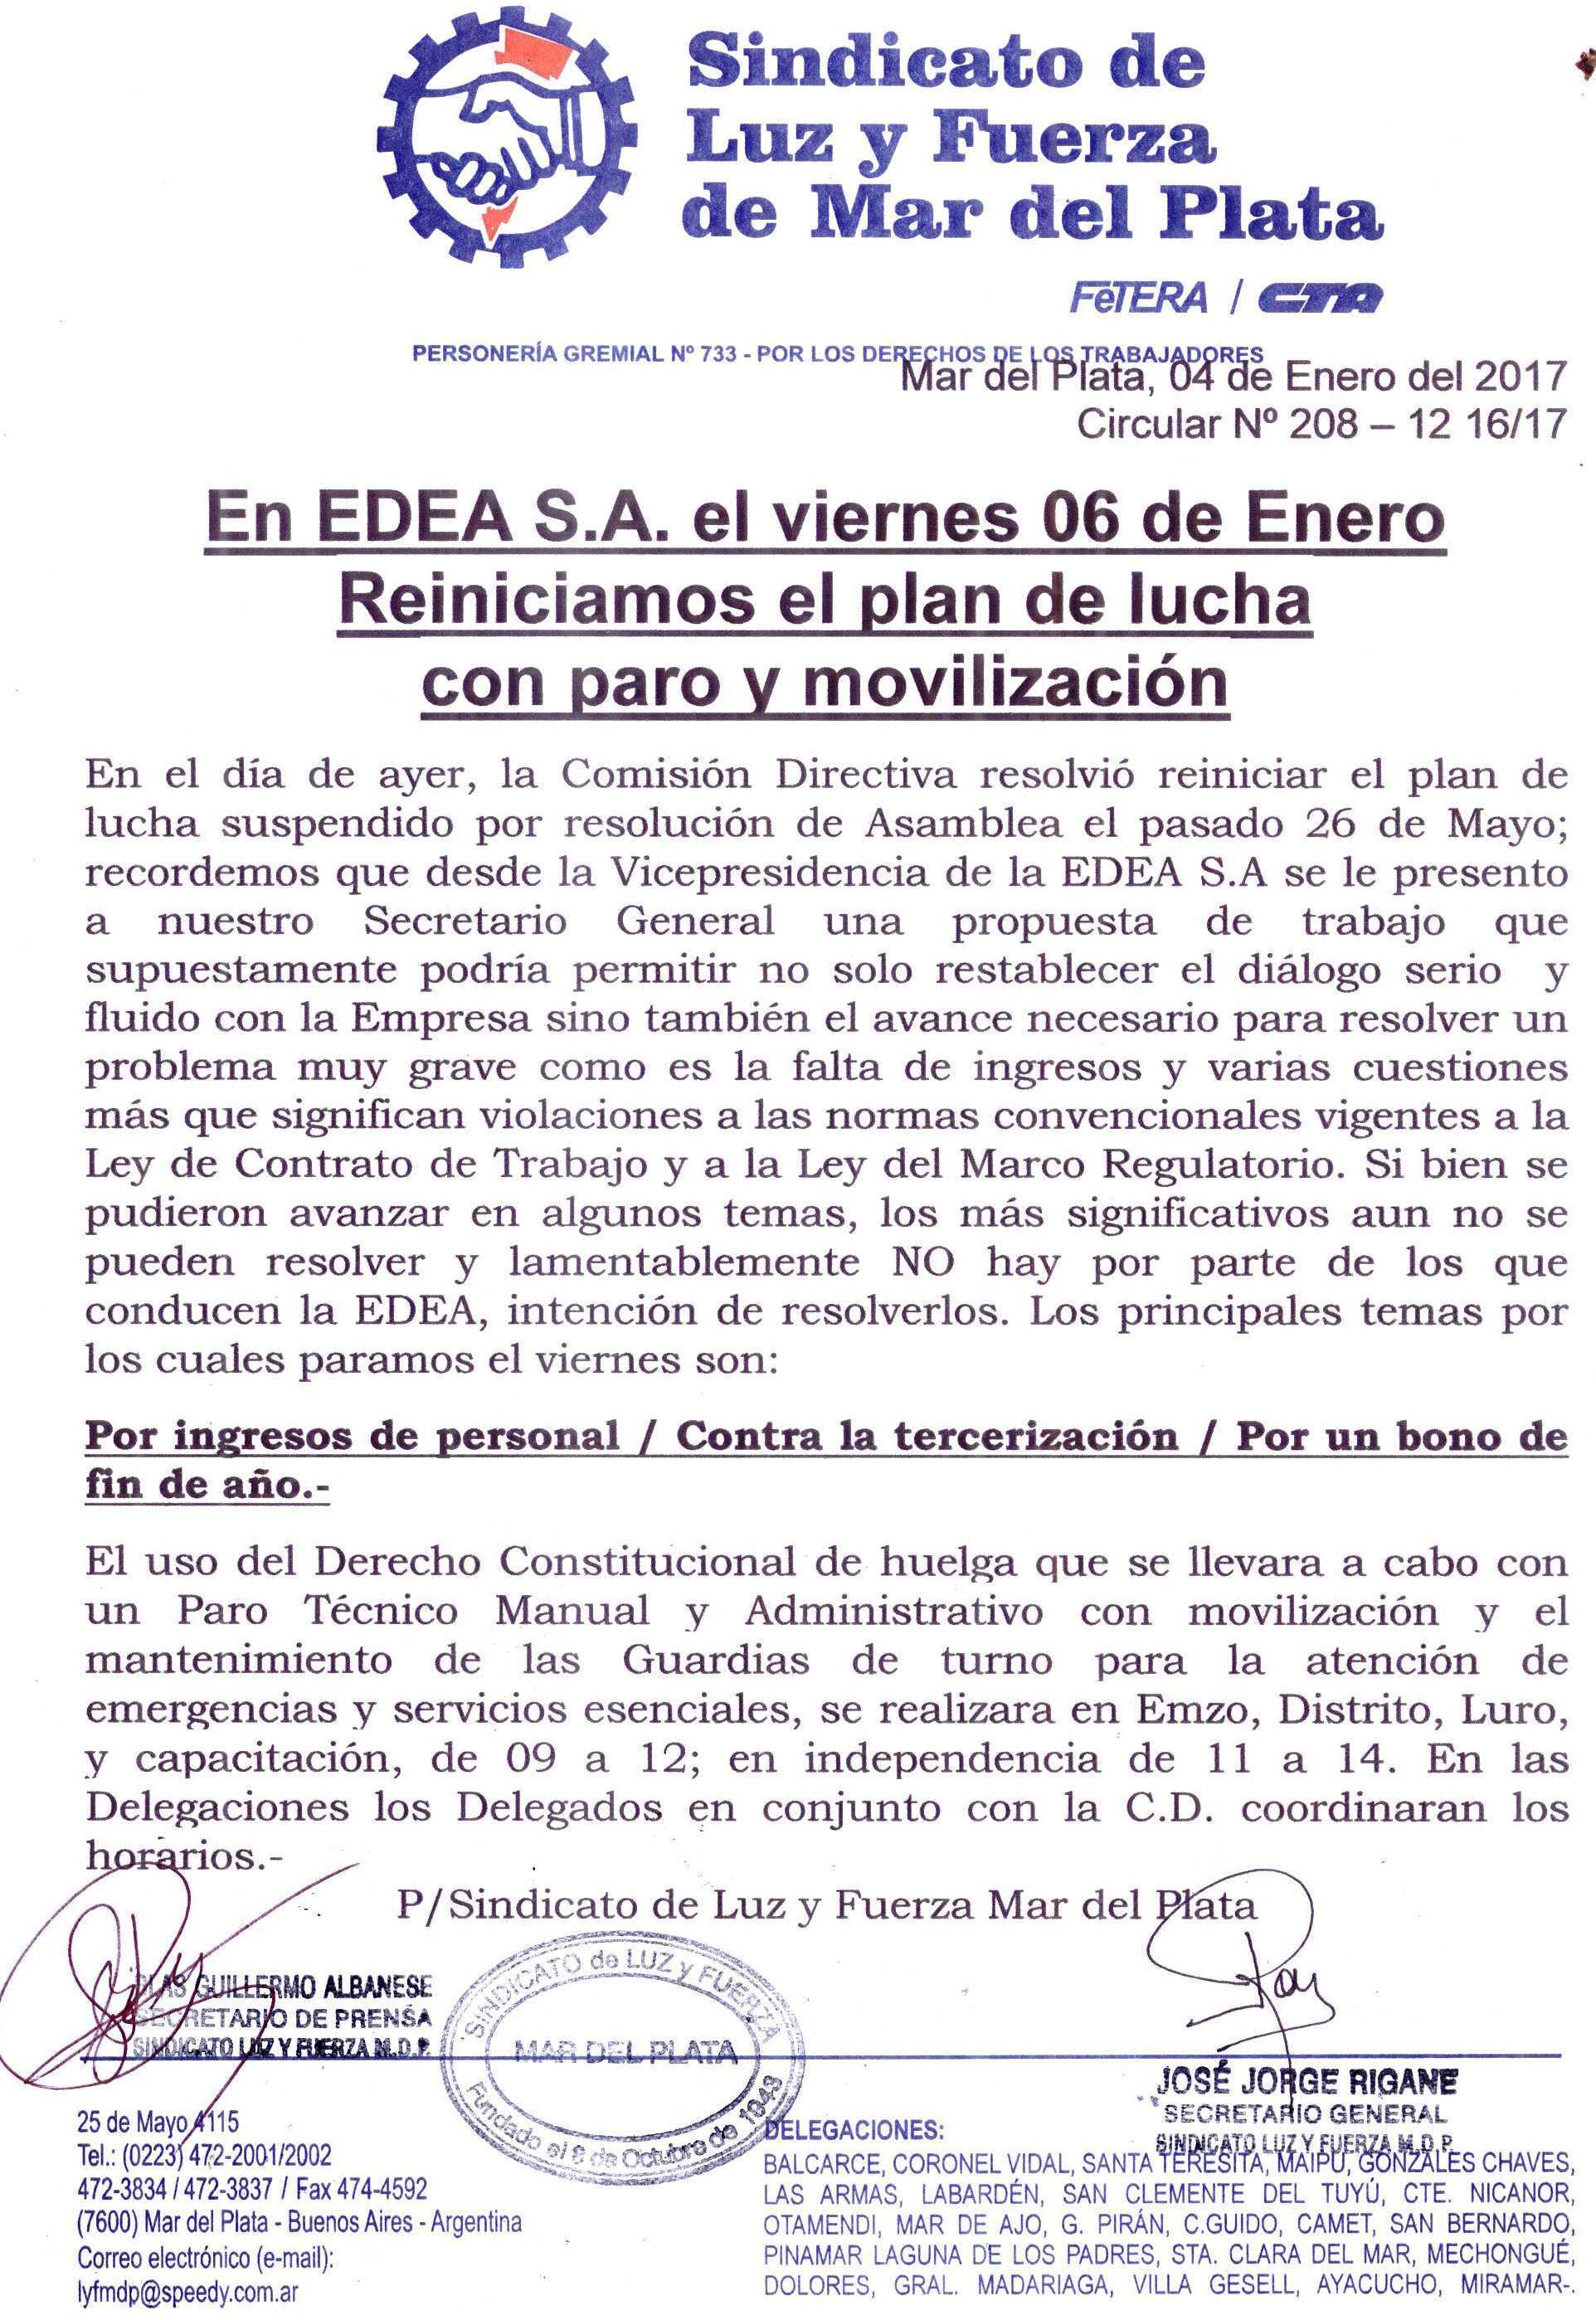 En EDEA S.A. el viernes 6 reiniciamos el plan de lucha con paro y movilización